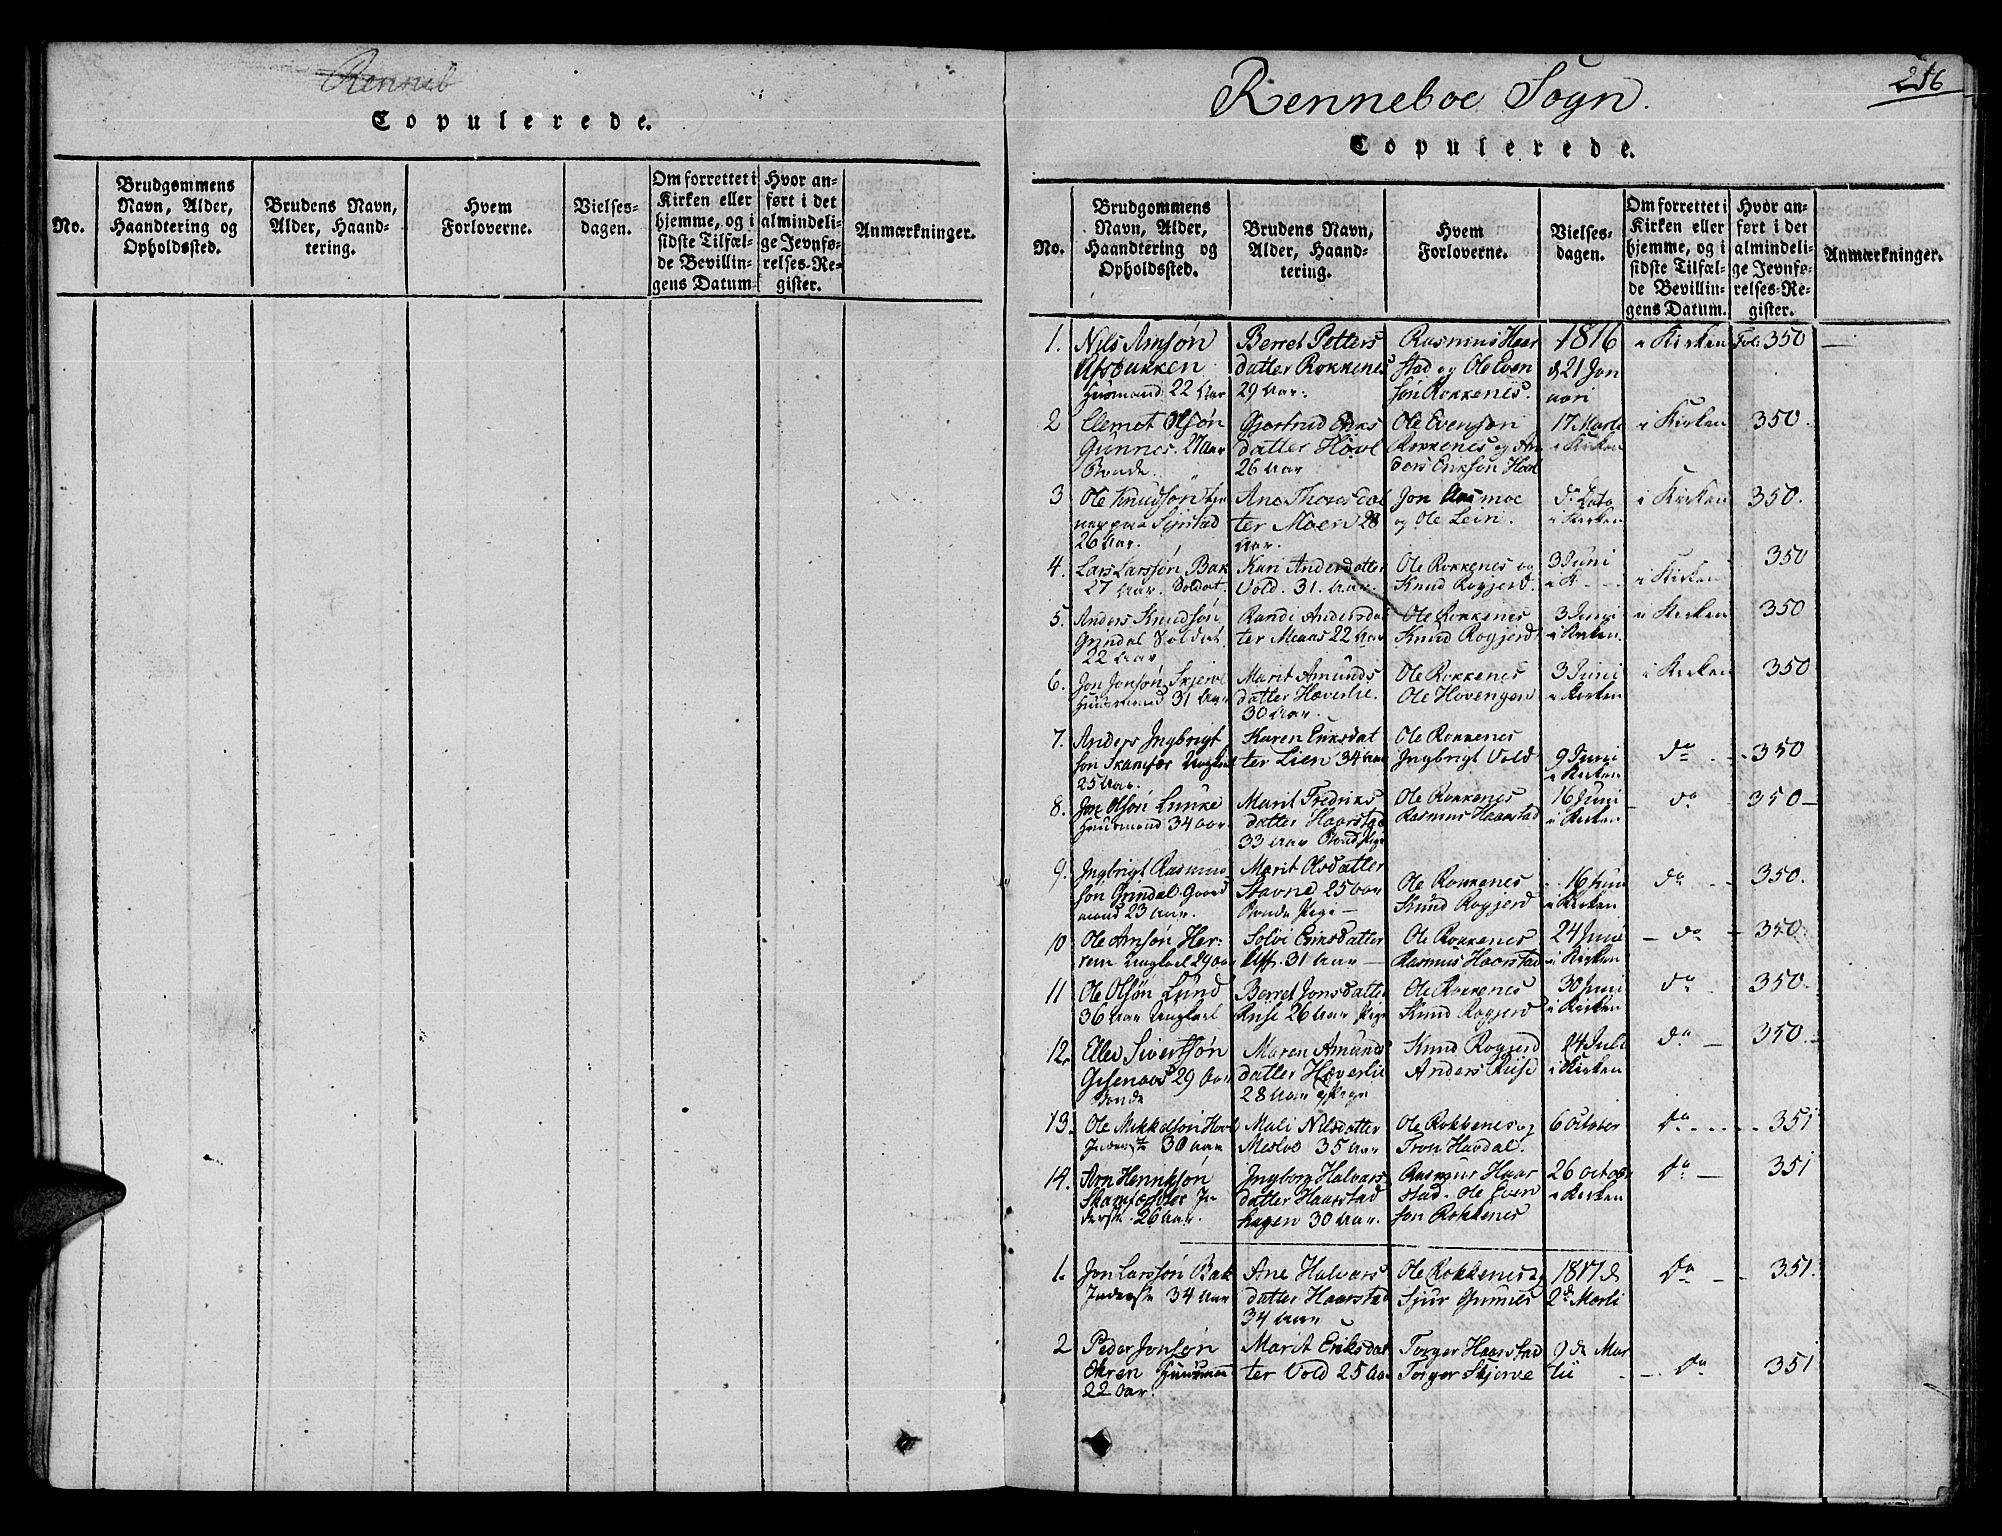 SAT, Ministerialprotokoller, klokkerbøker og fødselsregistre - Sør-Trøndelag, 672/L0854: Ministerialbok nr. 672A06 /2, 1816-1829, s. 216